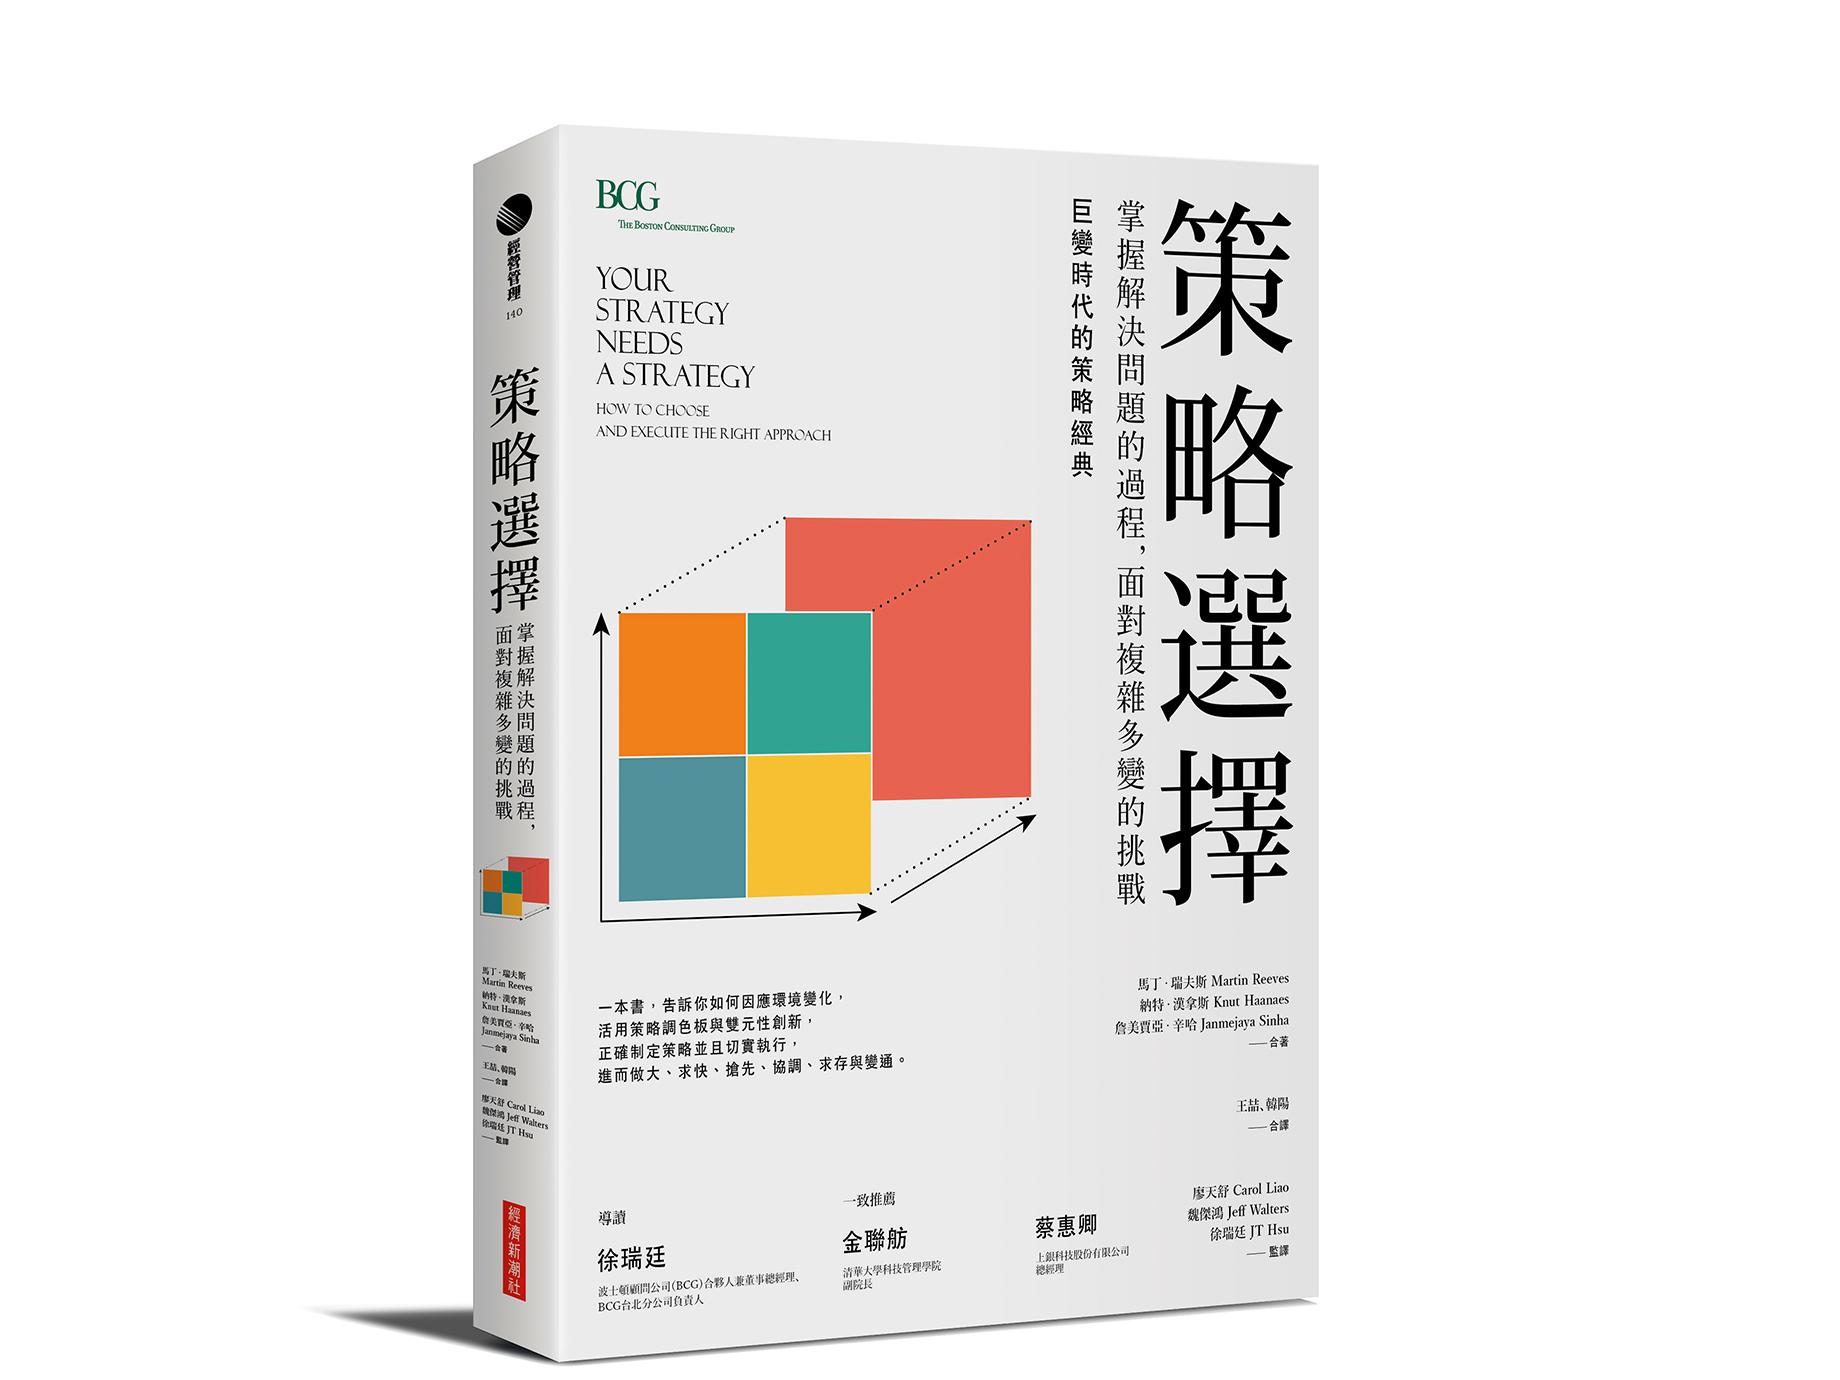 新書搶先看》面對複雜多變的網路時代,BCG企業發展5大策略